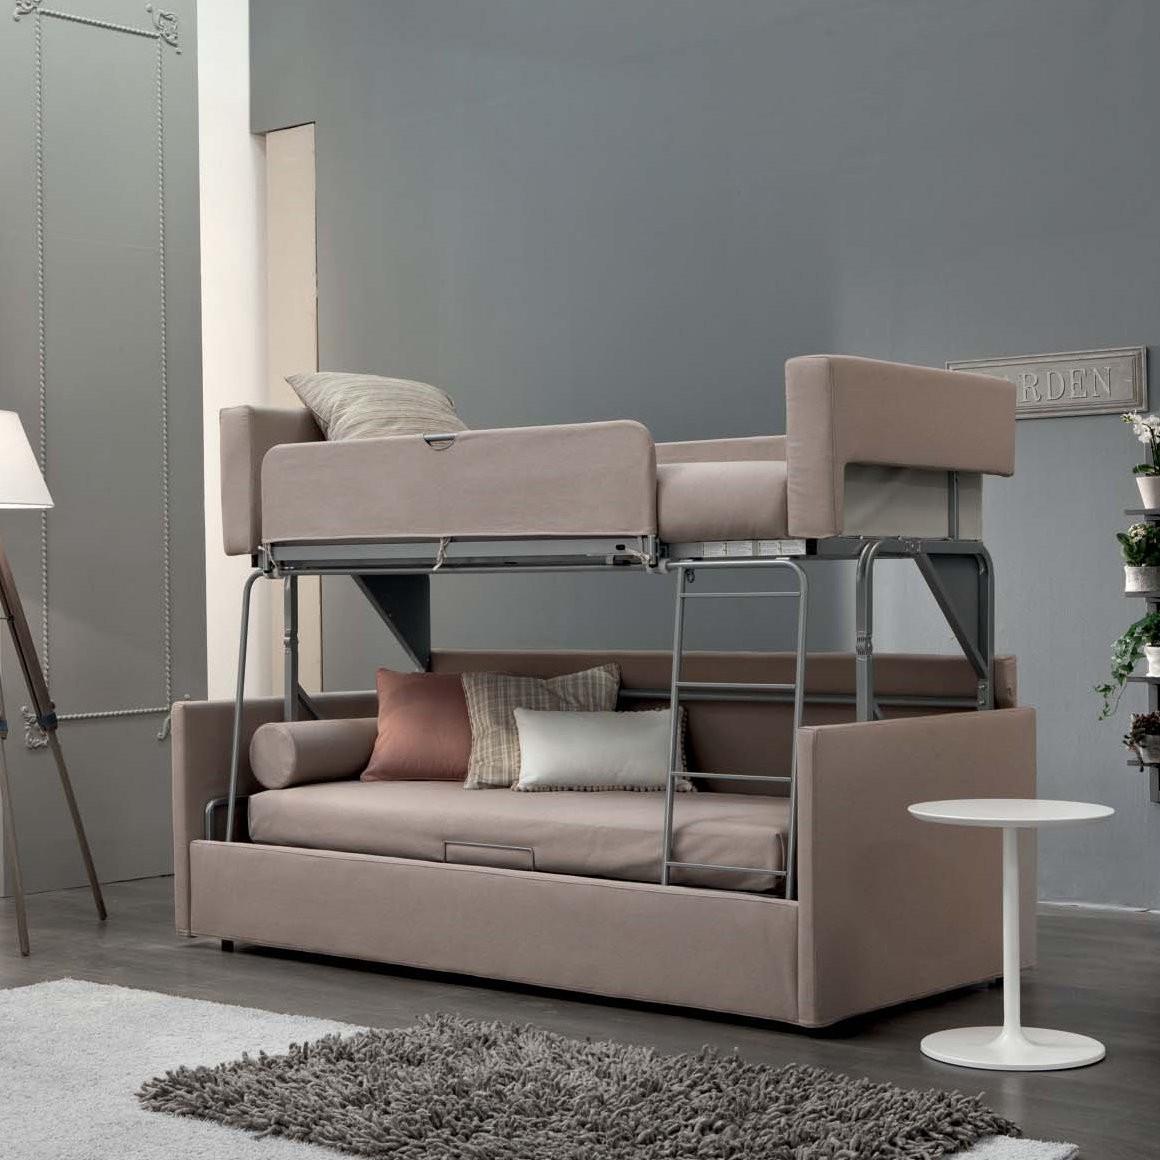 canap convertible lit superpos maison et mobilier d 39 int rieur. Black Bedroom Furniture Sets. Home Design Ideas